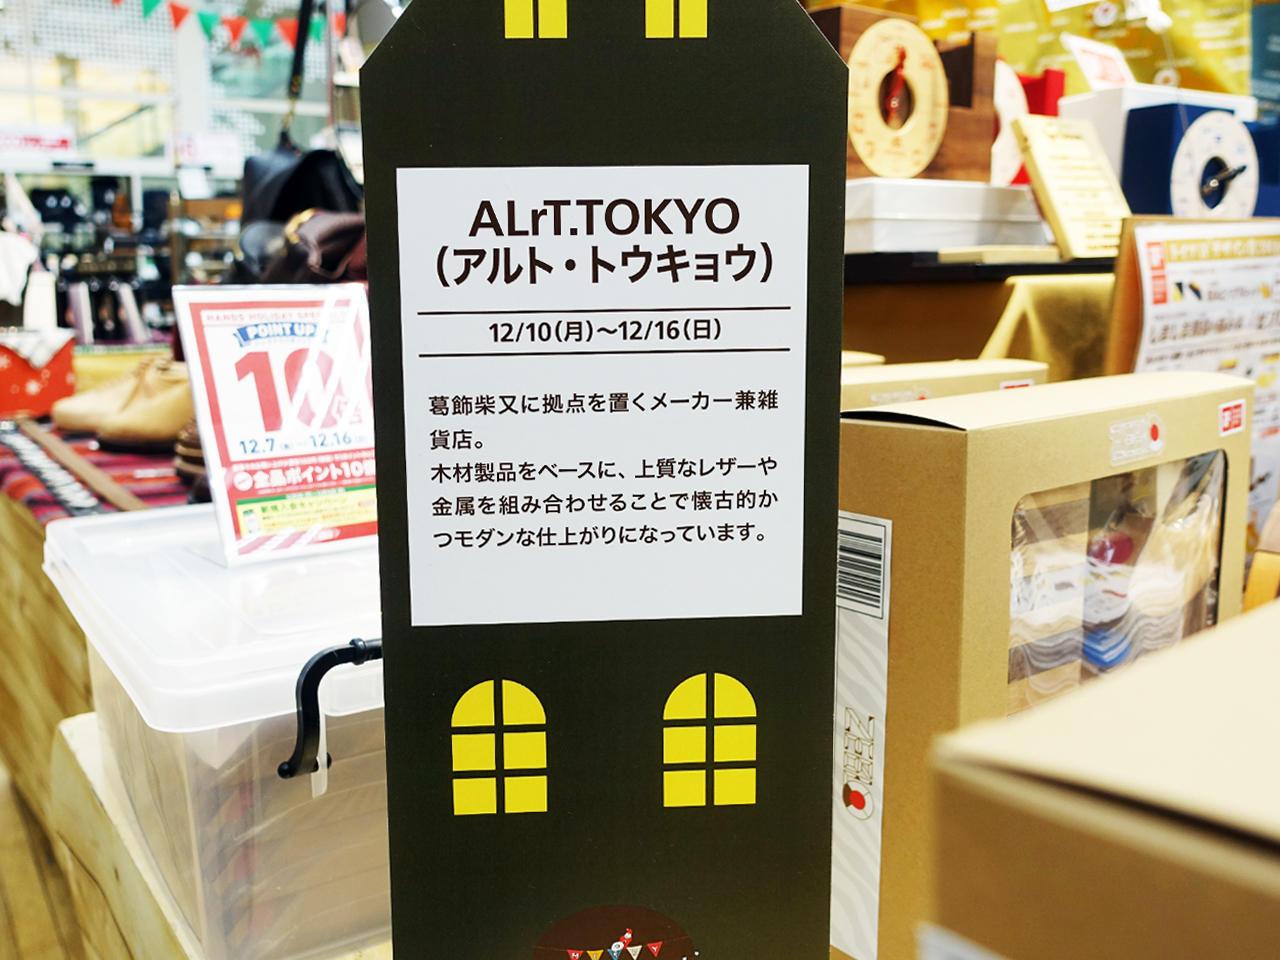 http://alrt.tokyo/news/handsshinjuku2.jpg